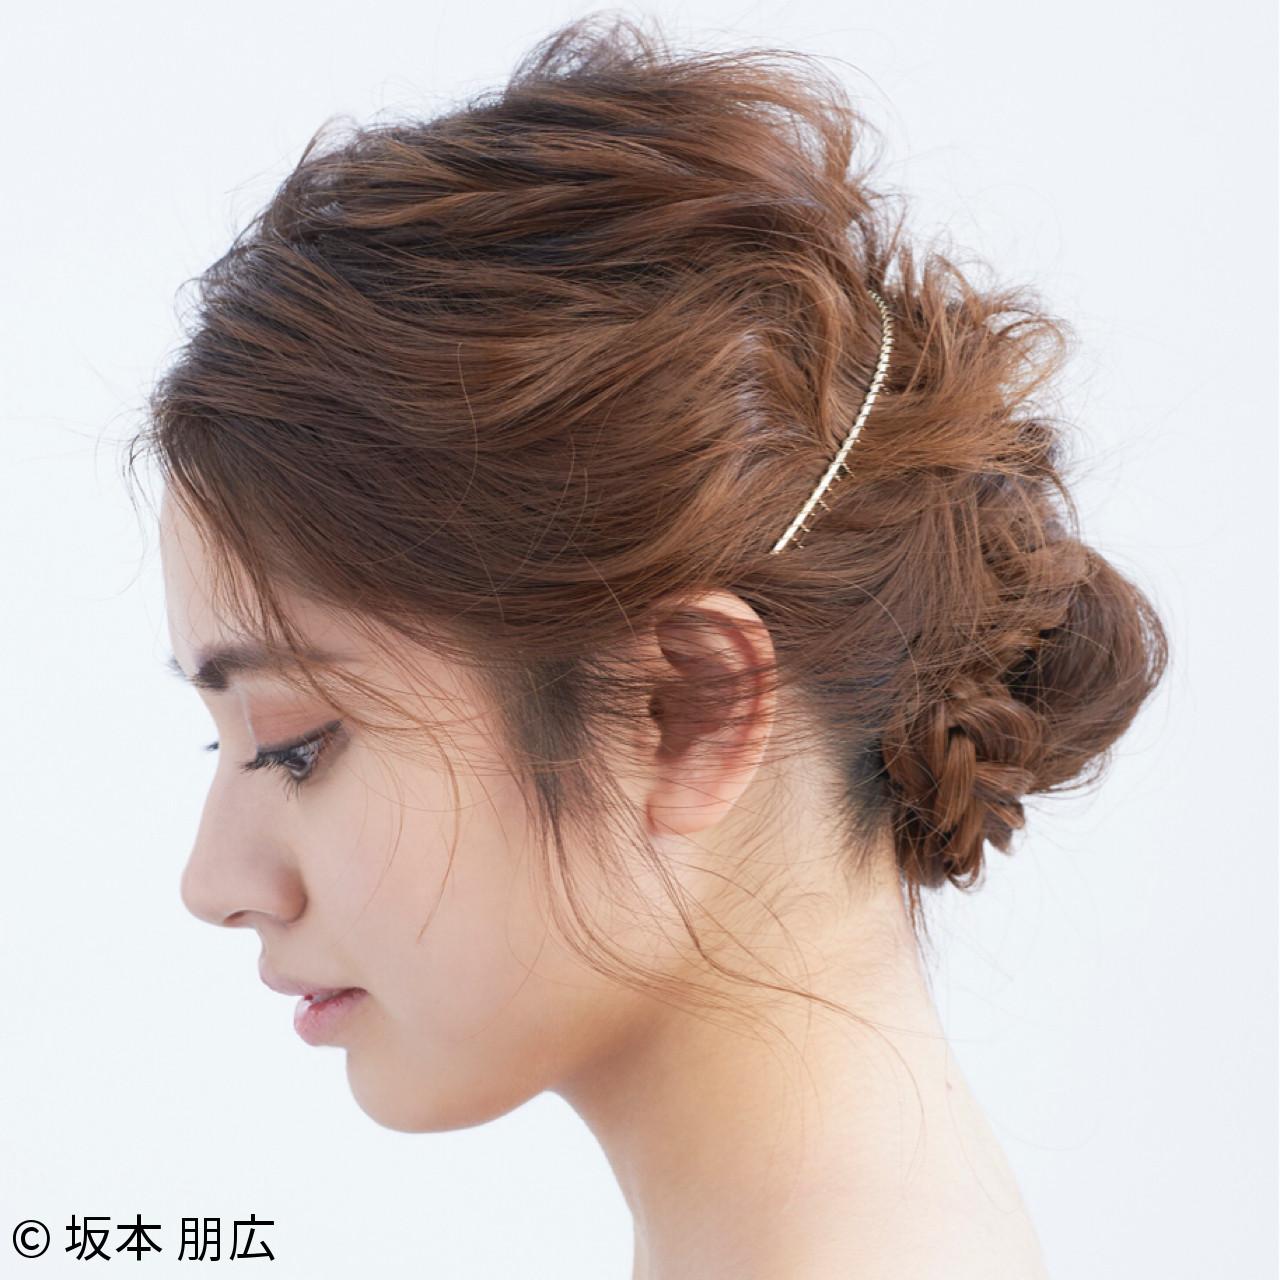 シニヨン エレガント ヘアアレンジ 上品ヘアスタイルや髪型の写真・画像